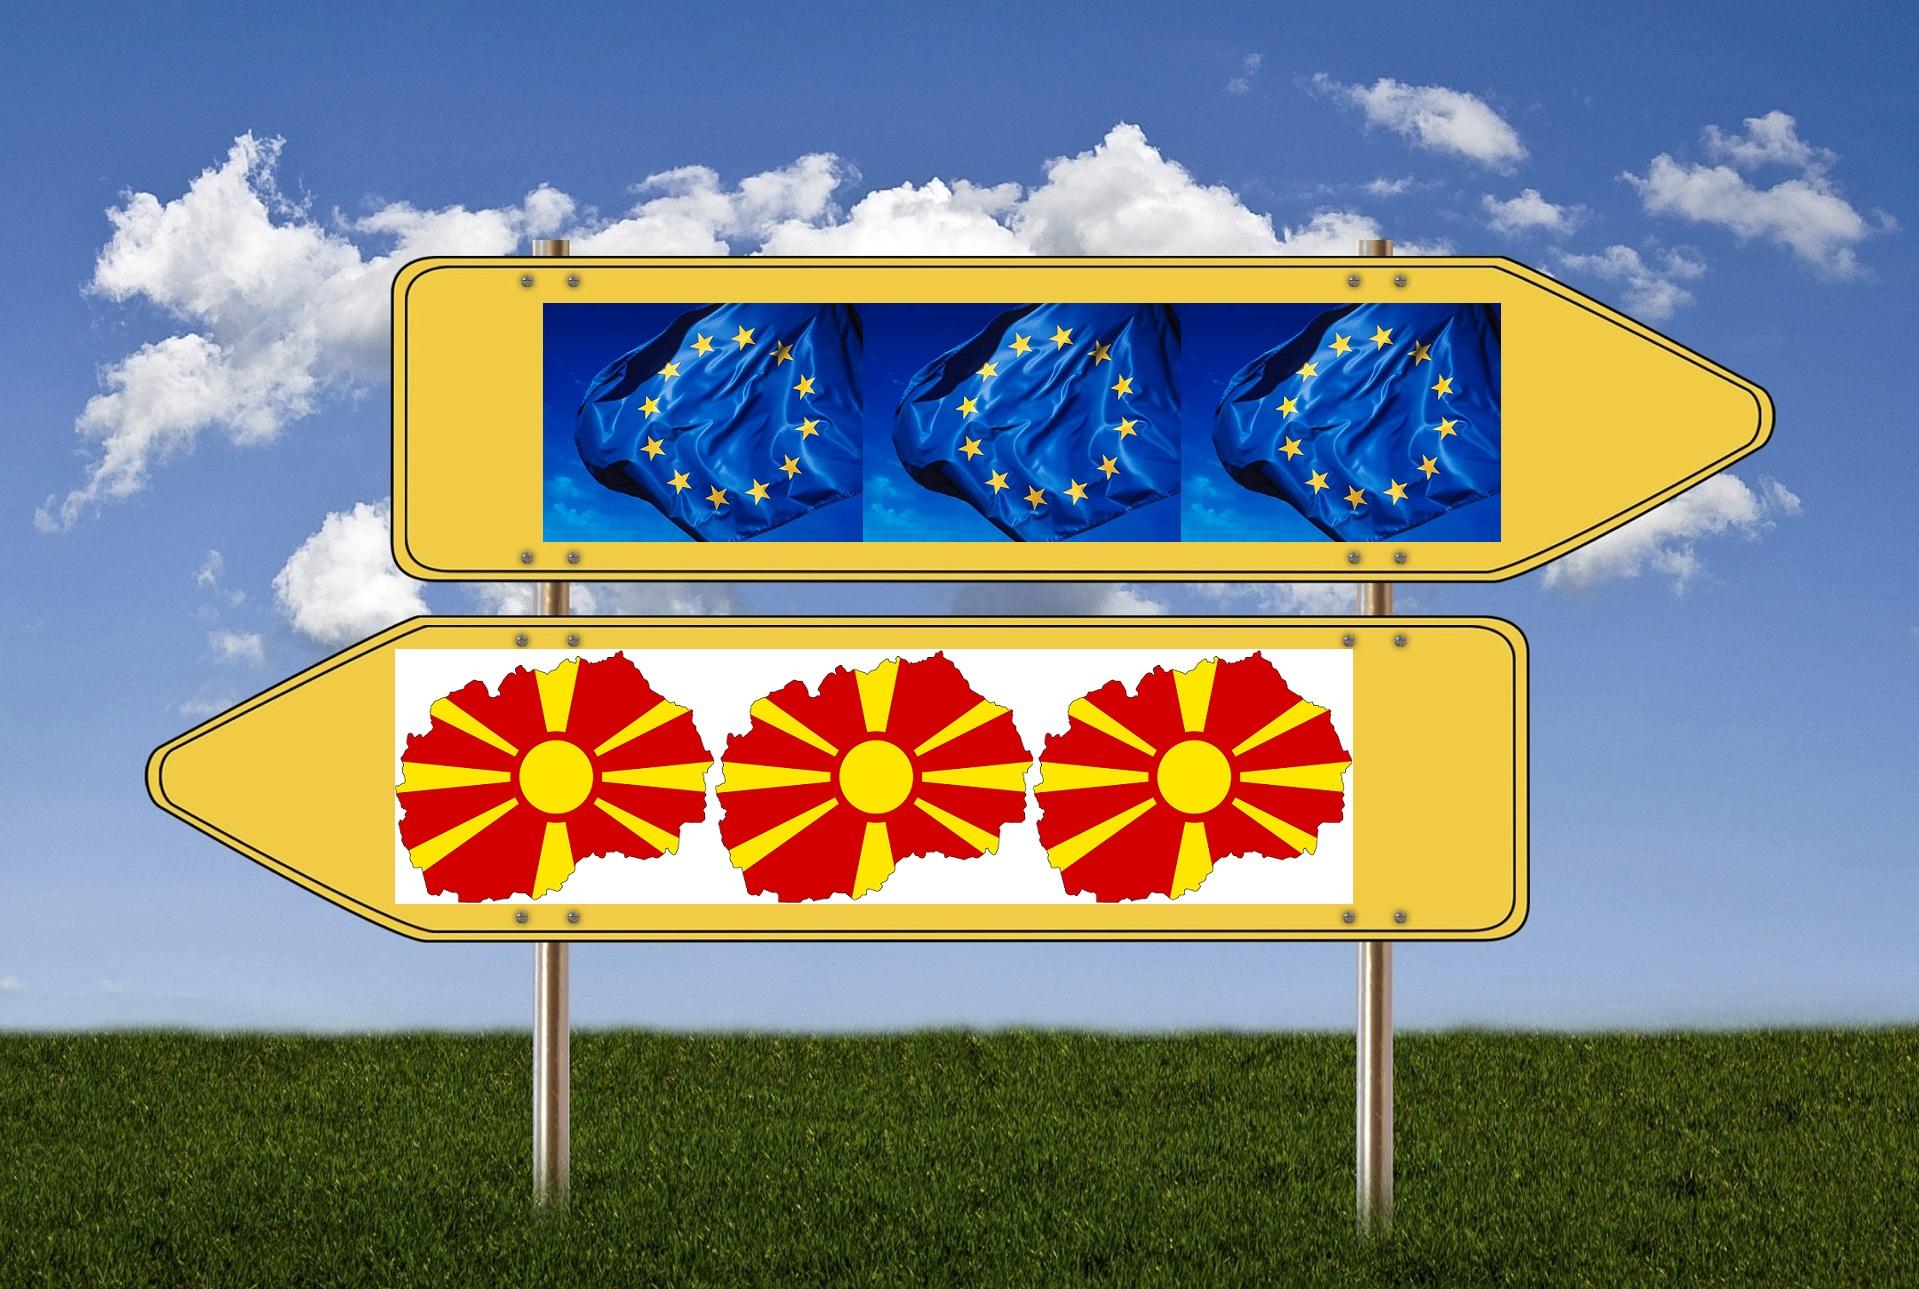 Mungesa e vullnetit politik për përparim në shumë fusha haset gjatë gjithë raportit të Komisionit Evropian. Foto: Google/përpunuar nga: Vërtetmatësi